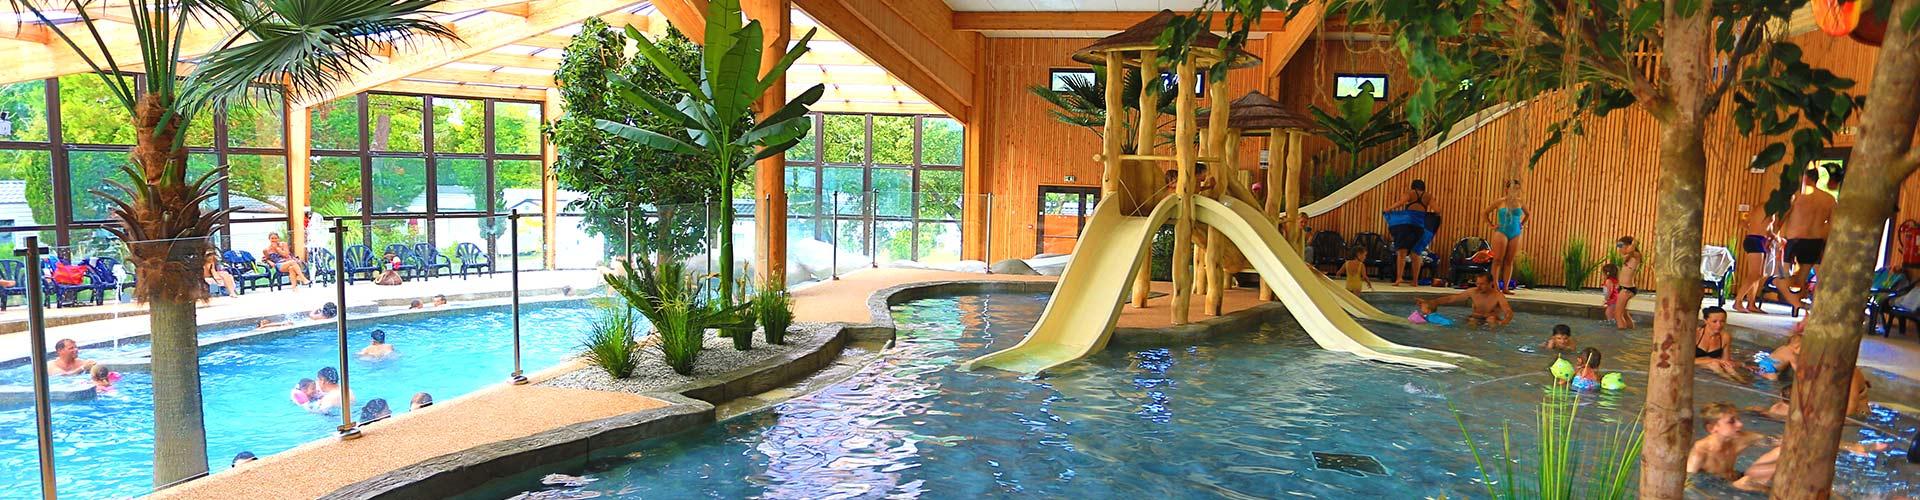 Camping le palace soulac sur mer camping 4 toiles en for Camping gironde bord de mer avec piscine